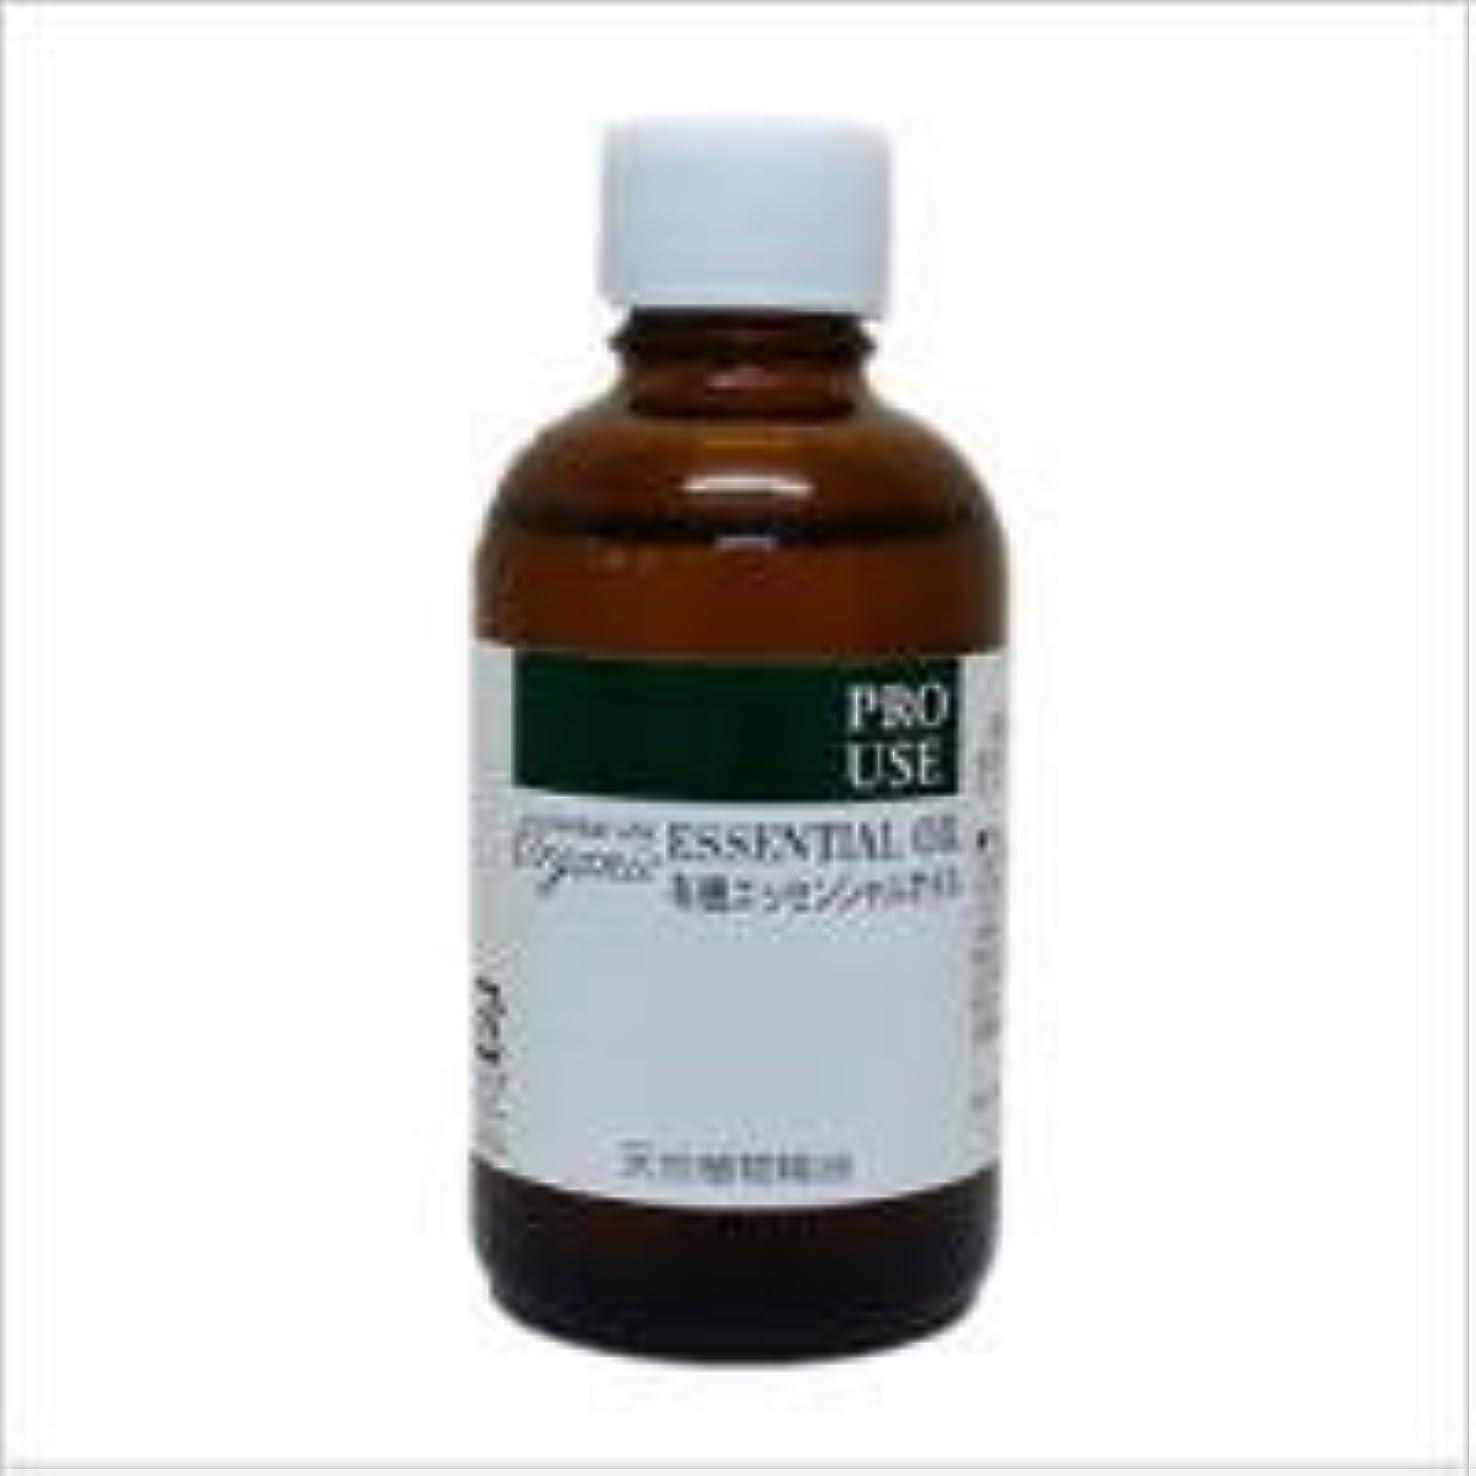 ブレイズアレルギーそこ生活の木 有機ベルガモット 50ml エッセンシャルオイル/精油/オーガニック